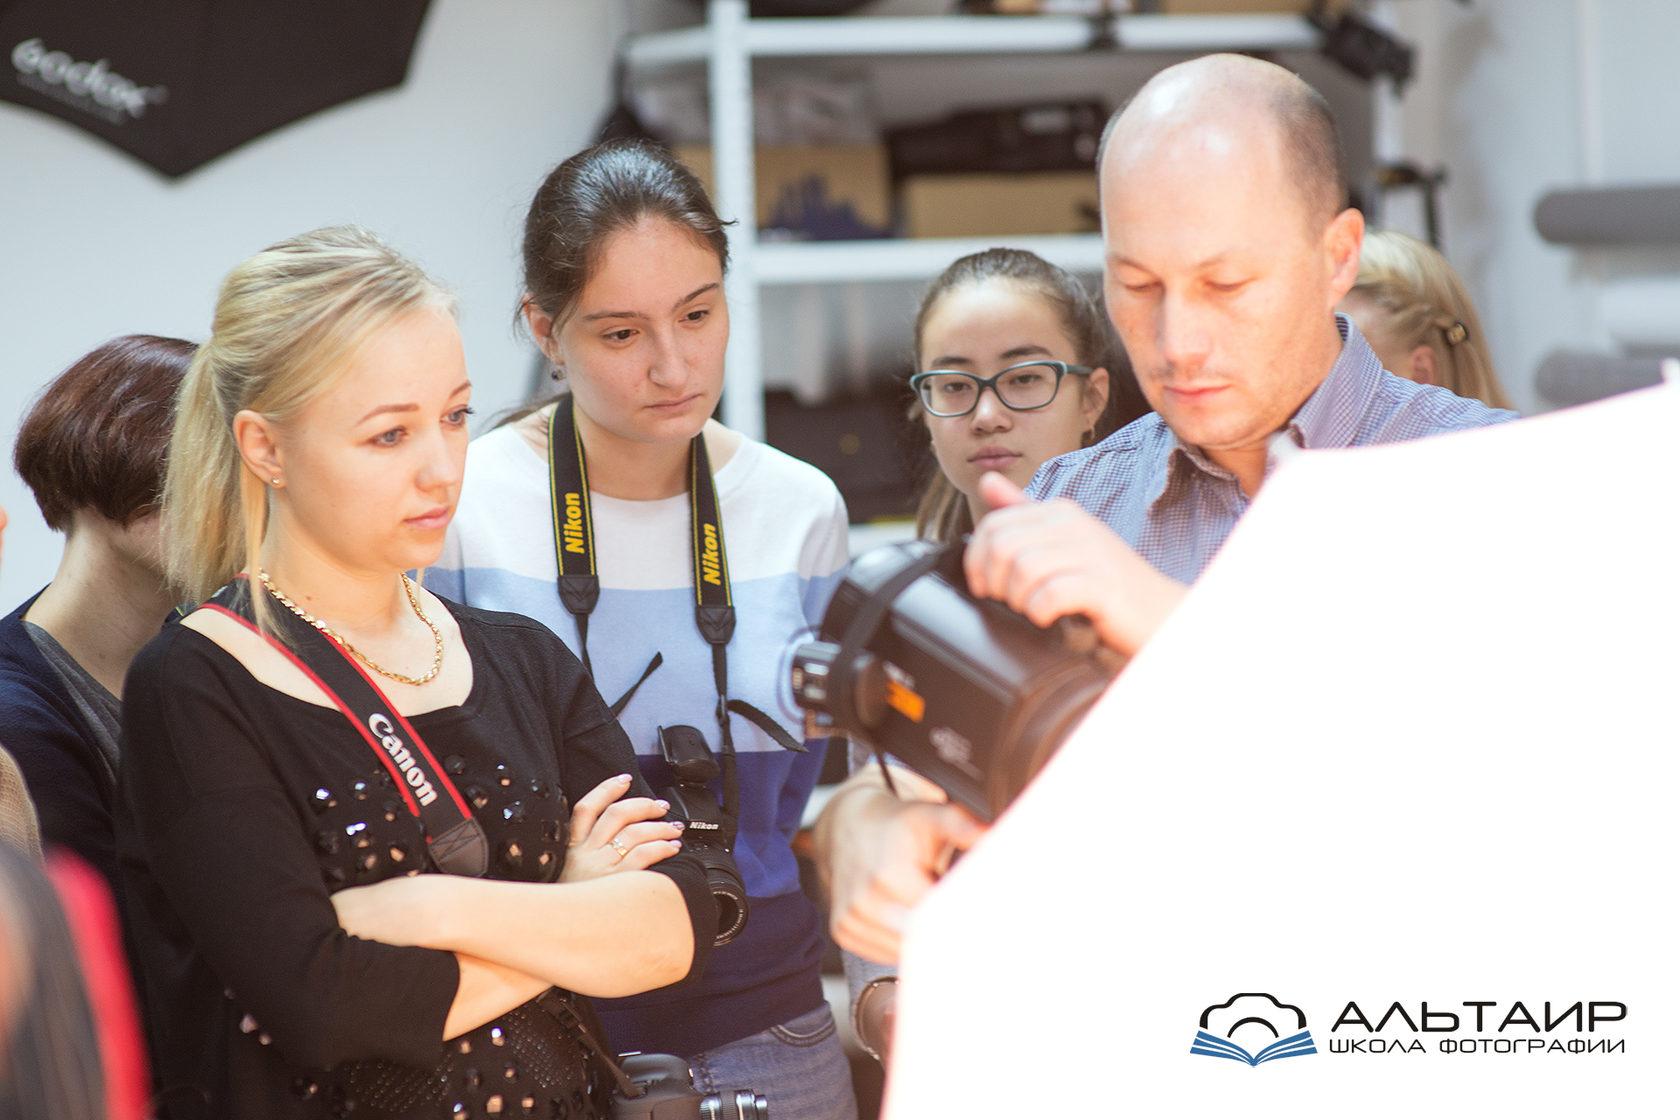 курсы фотографа для начинающих в москве недорого